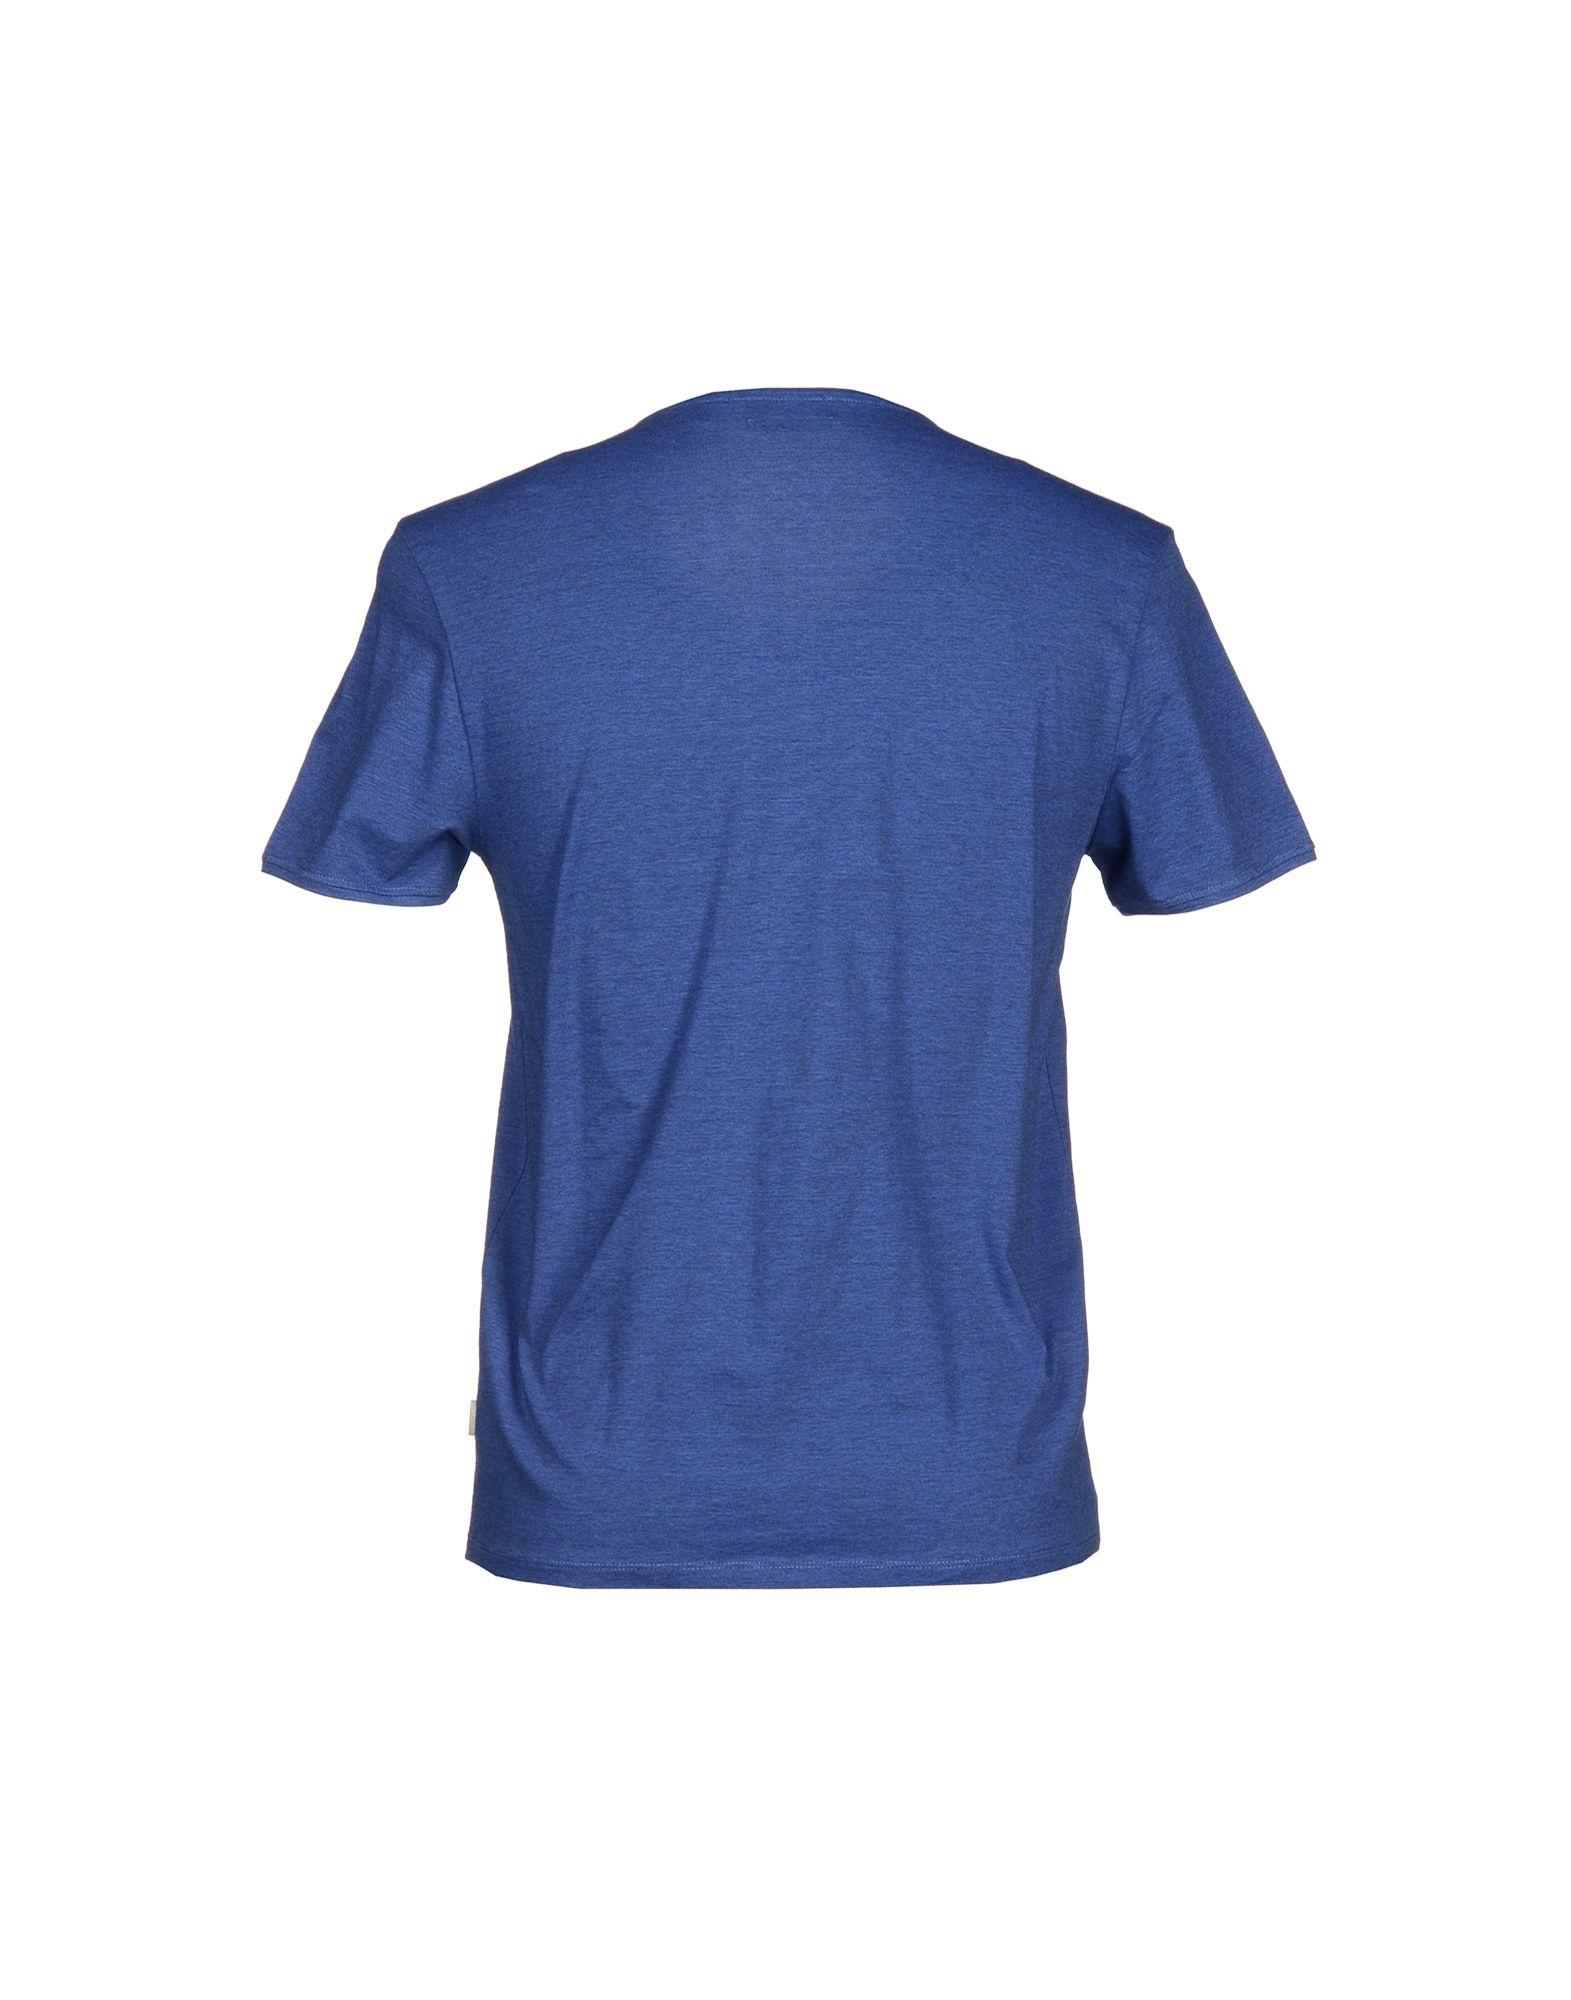 calvin klein t shirt in blue for men lyst. Black Bedroom Furniture Sets. Home Design Ideas